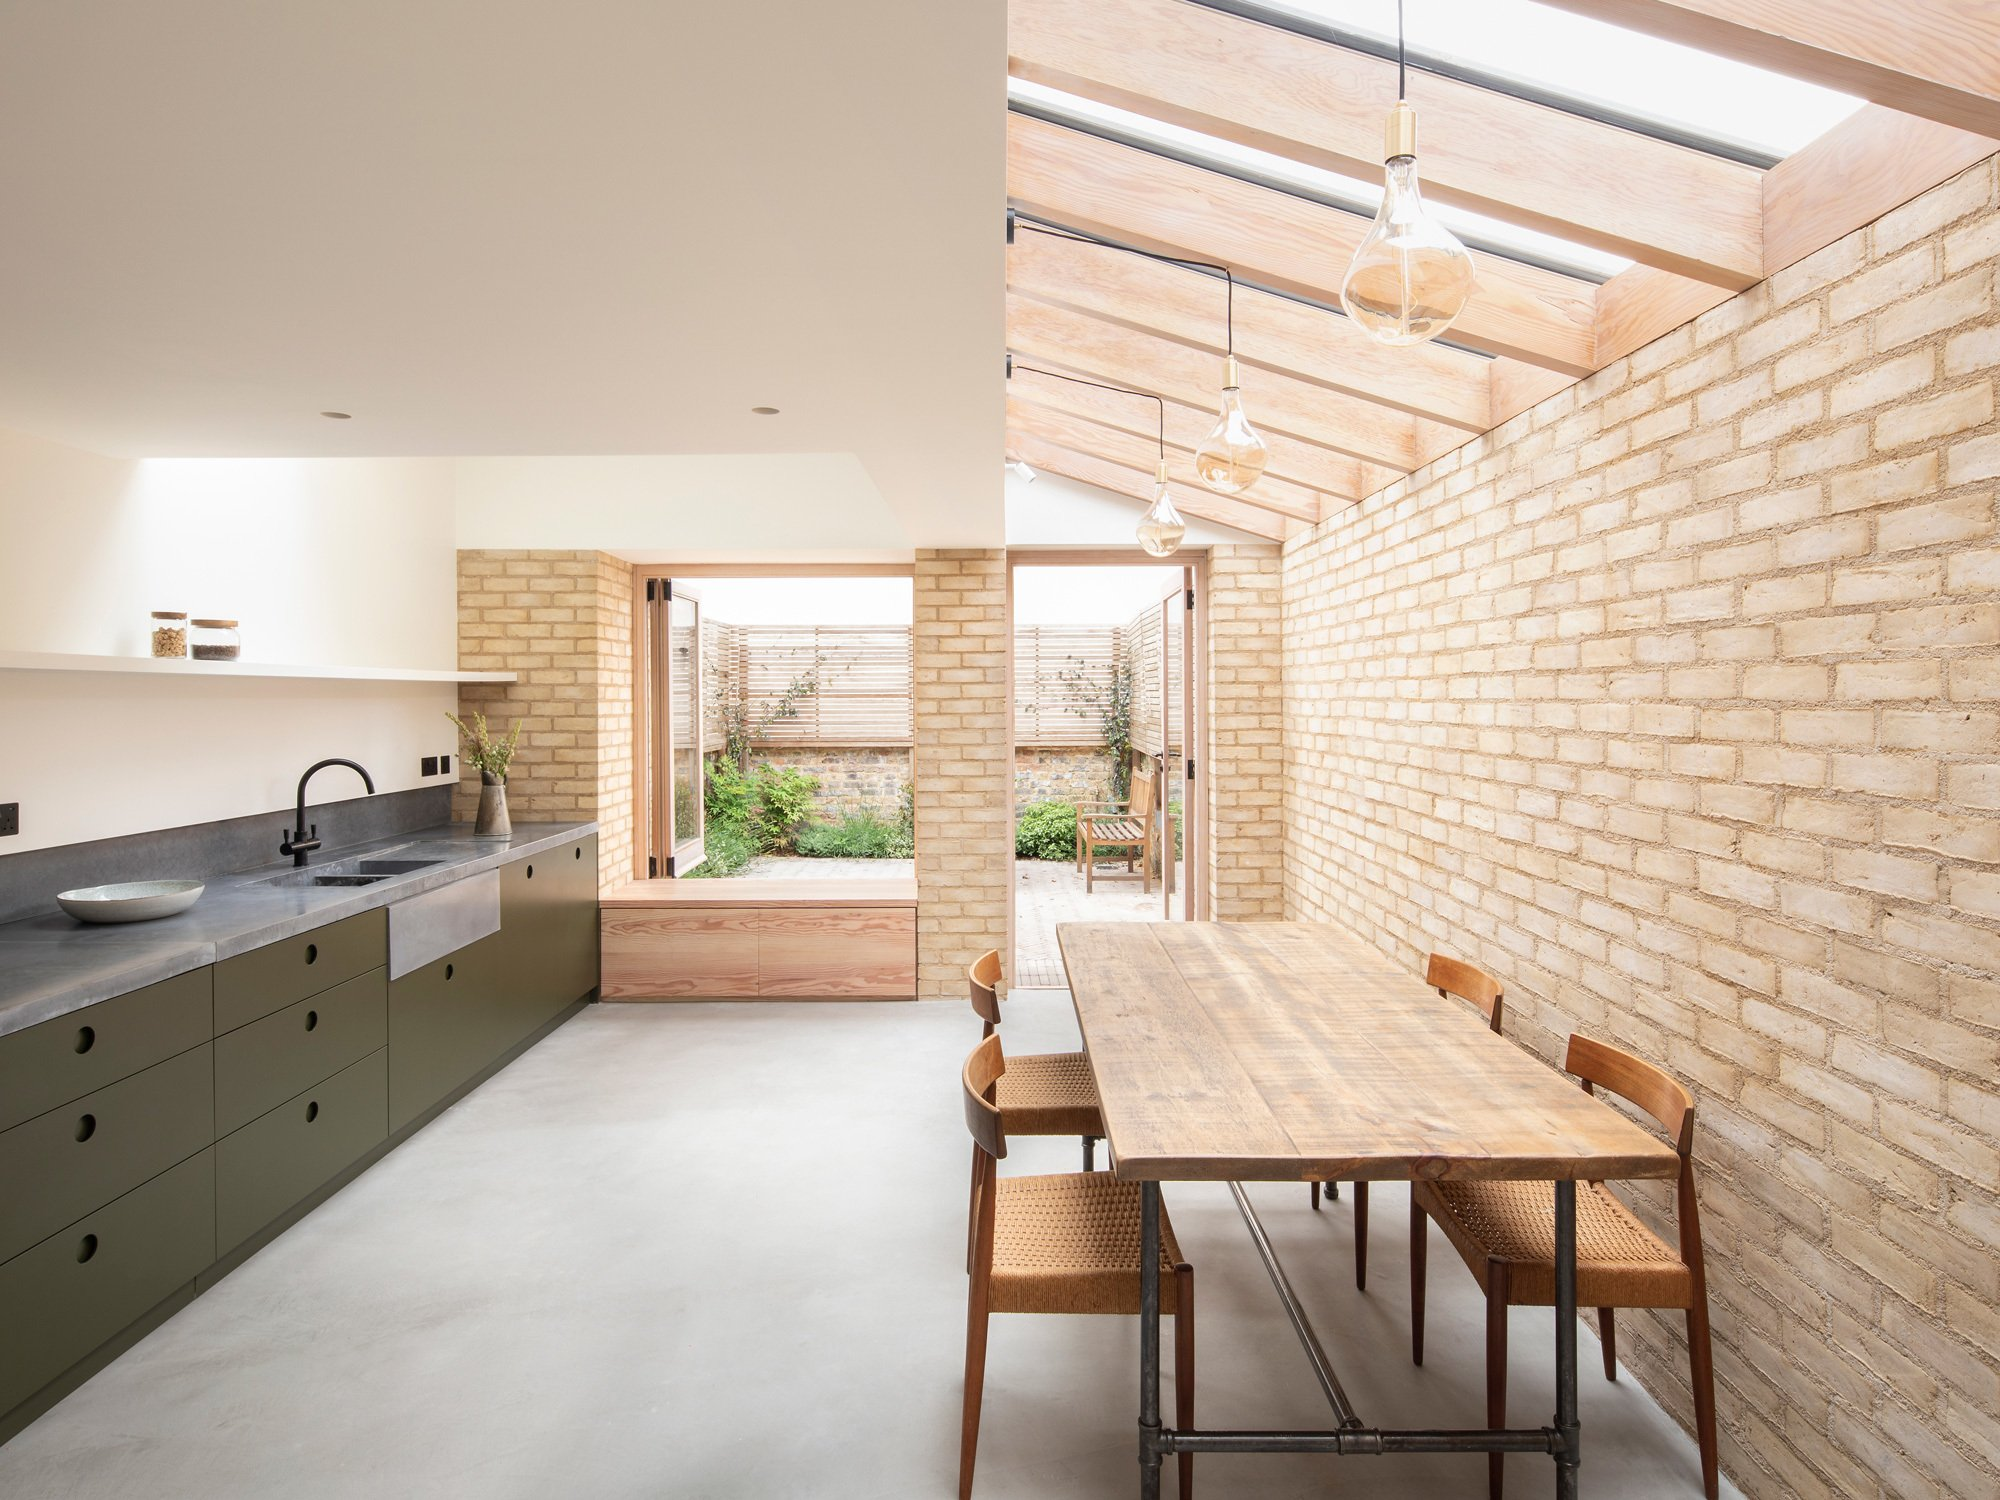 In London entkernte Architekt Oliver Leech ein viktorianisches Reihenhaus und schuf durch einen lichtdurchfluteten Anbau eine neue Wohnqualität in der Küche.